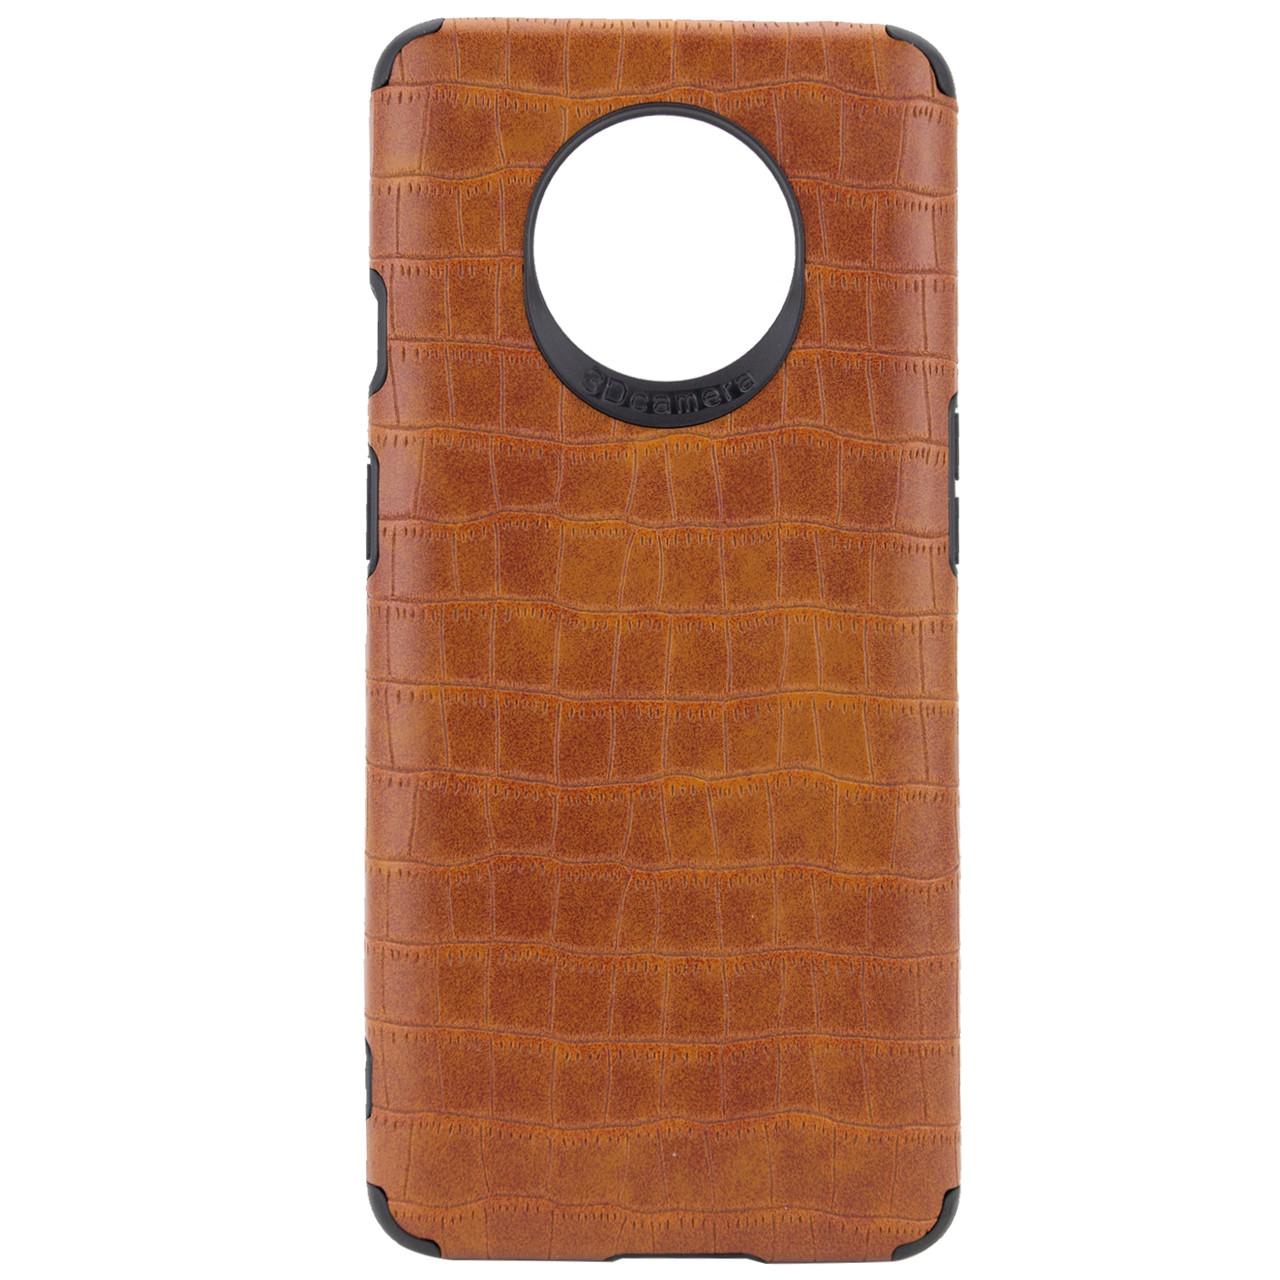 """OnePlus 7T (34649) Светло-коричневый кожаный чехол на """"оне плюс"""" """"ван плюс"""" 7т"""